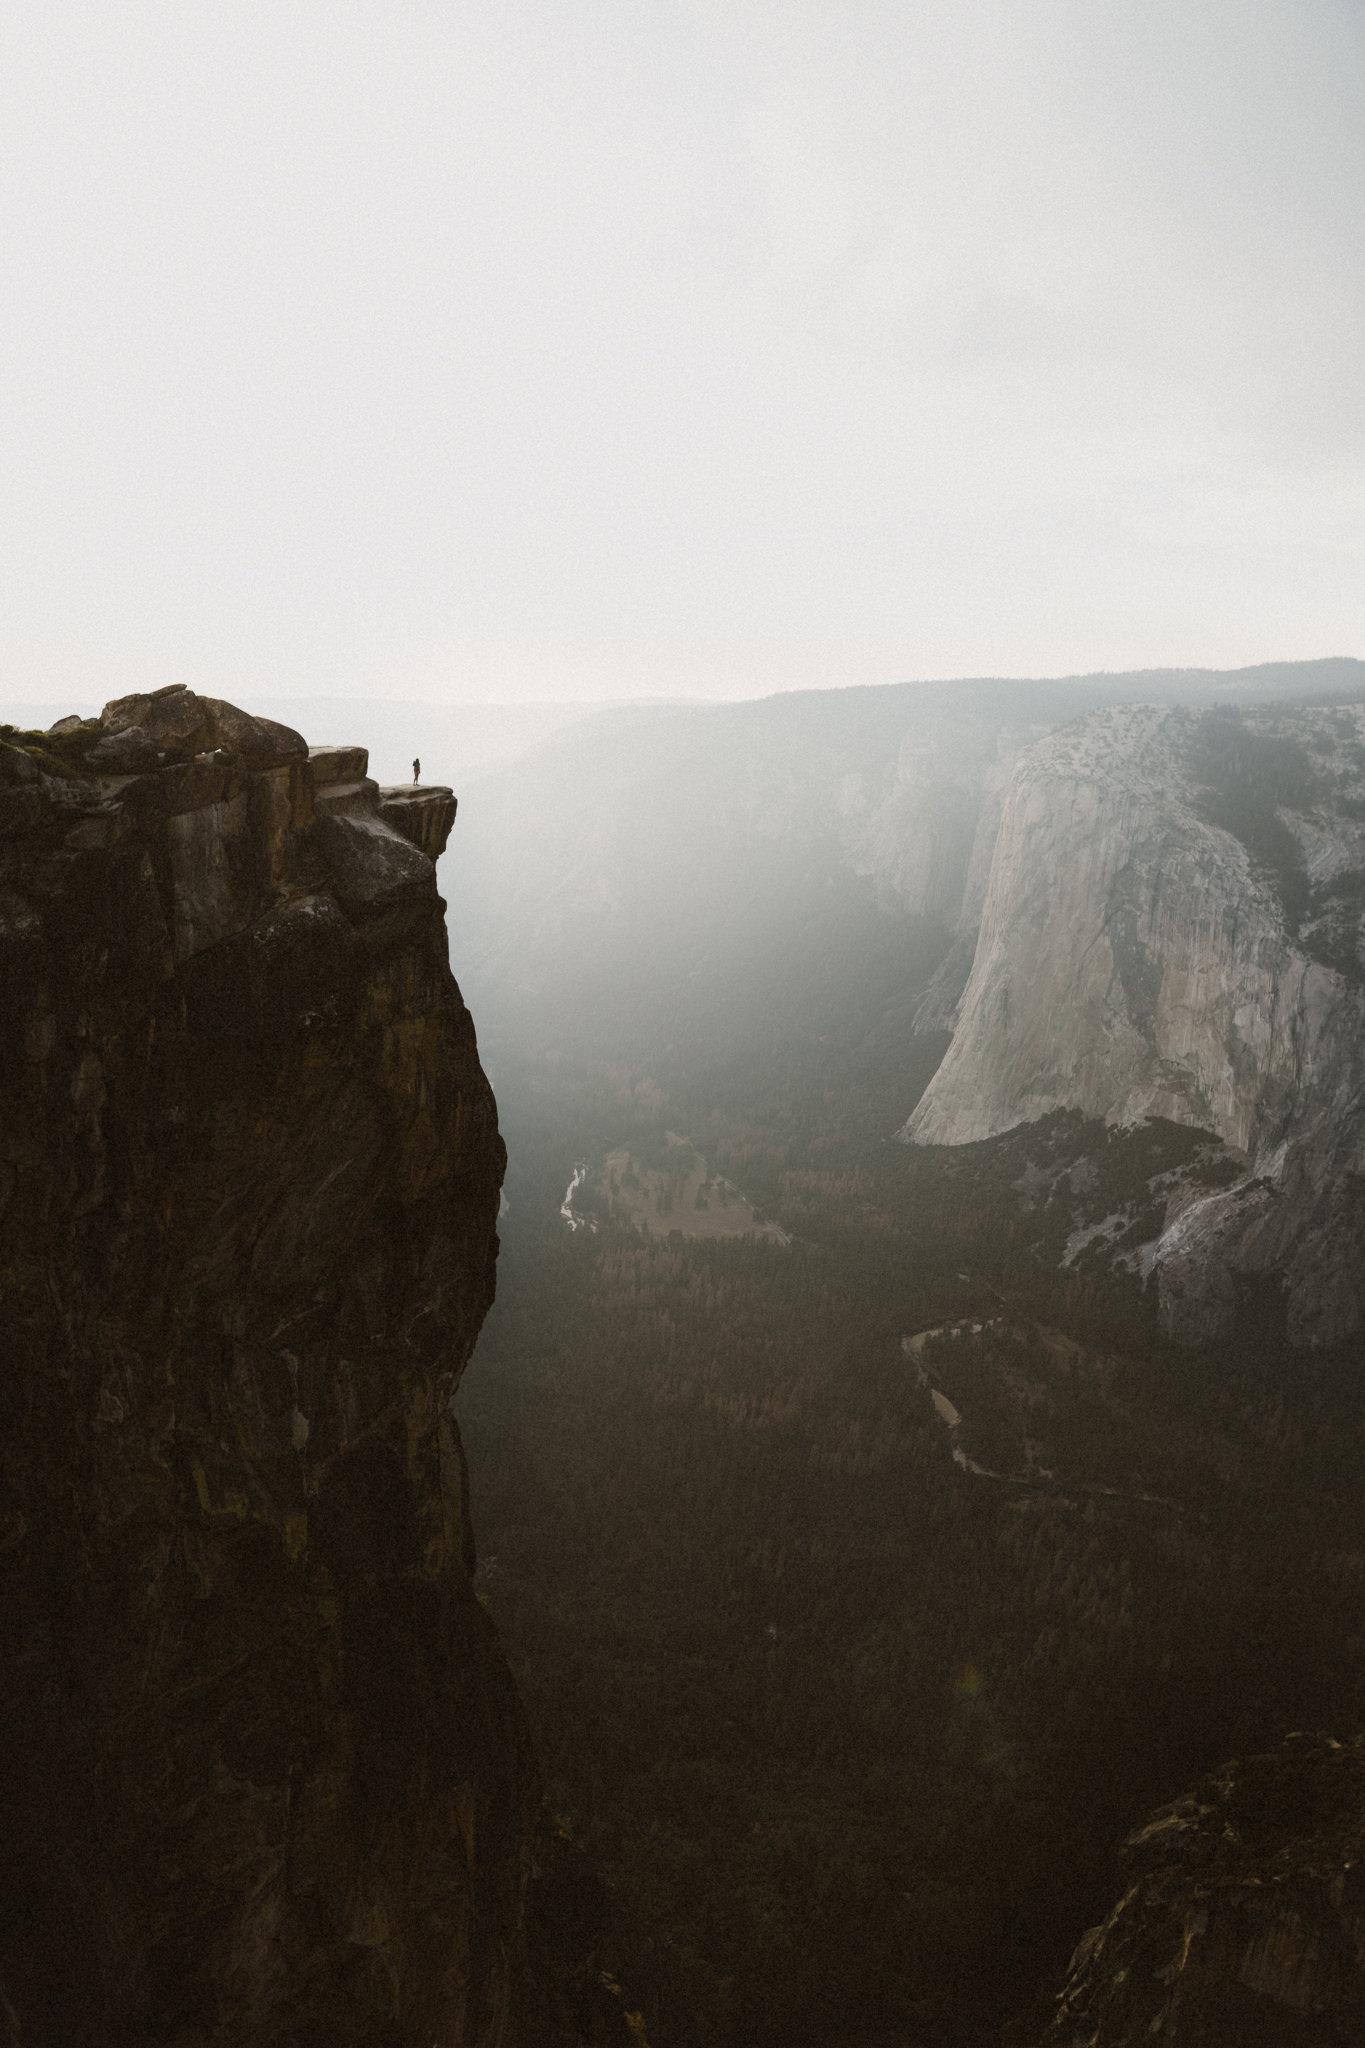 20160820_Yosemite_0050-Edit-Exposure.jpg